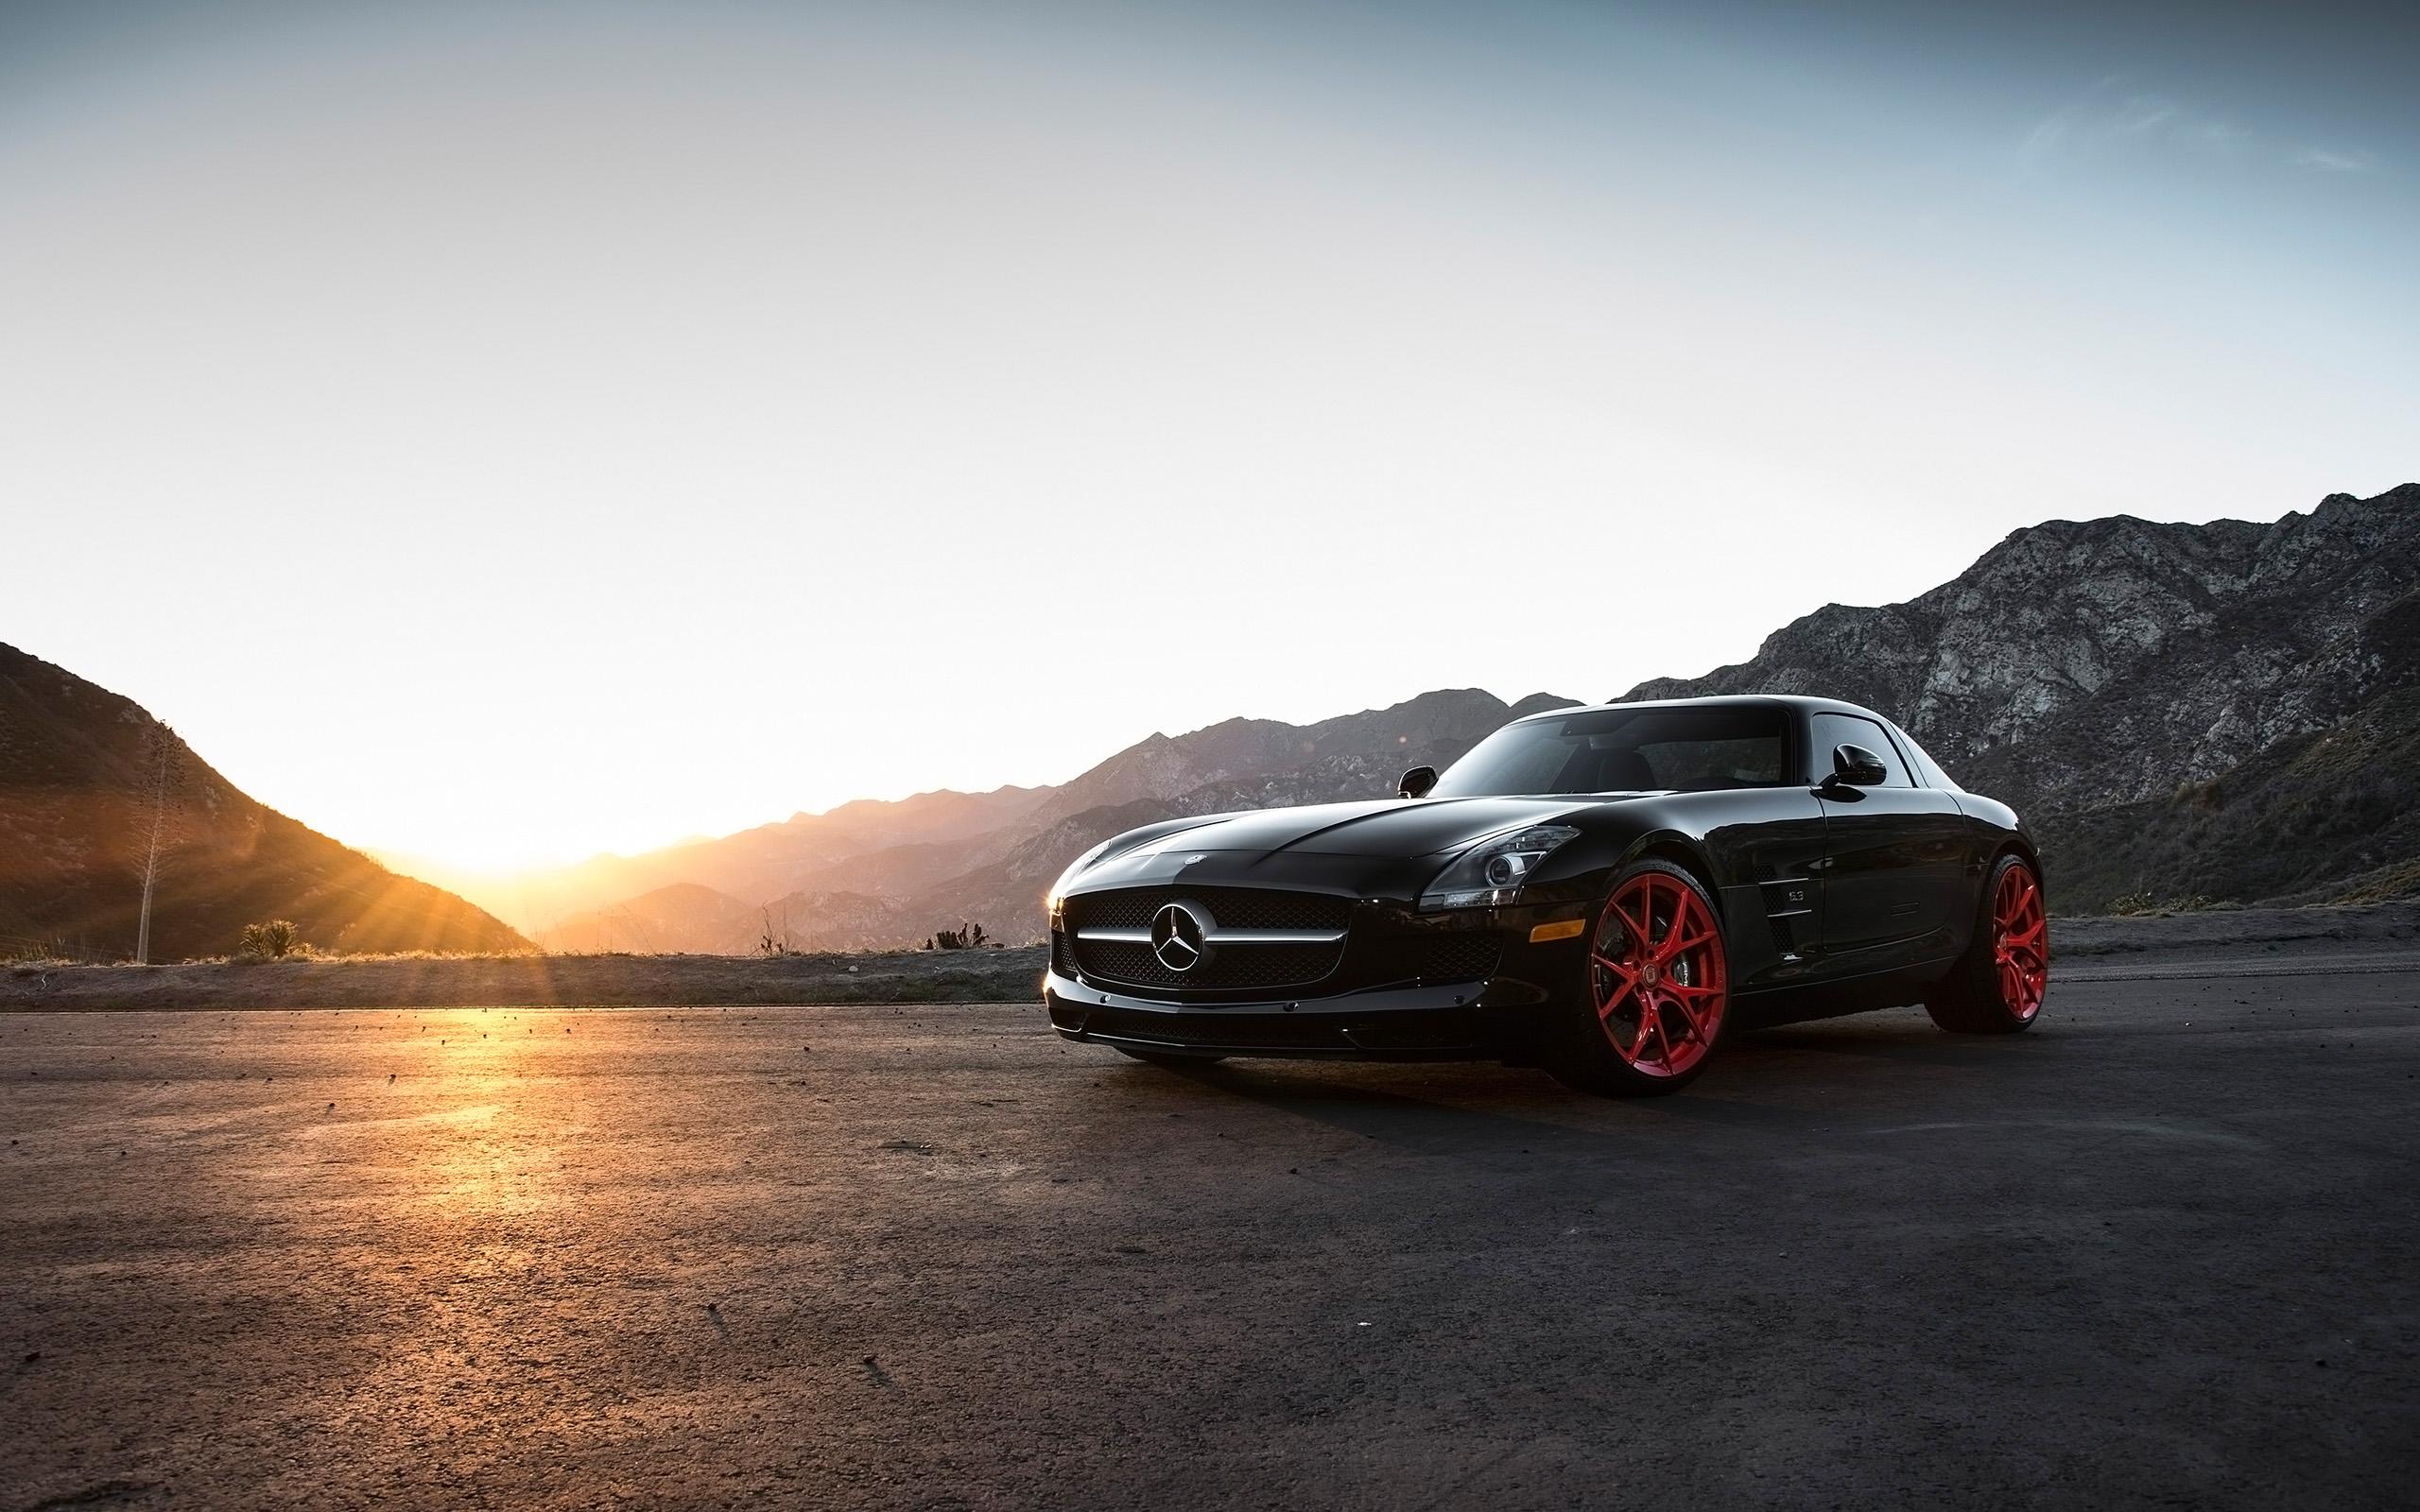 Bmw Concept Car Wallpaper 2015 Klassen Mercedes Benz Sls Amg Wallpaper Hd Car